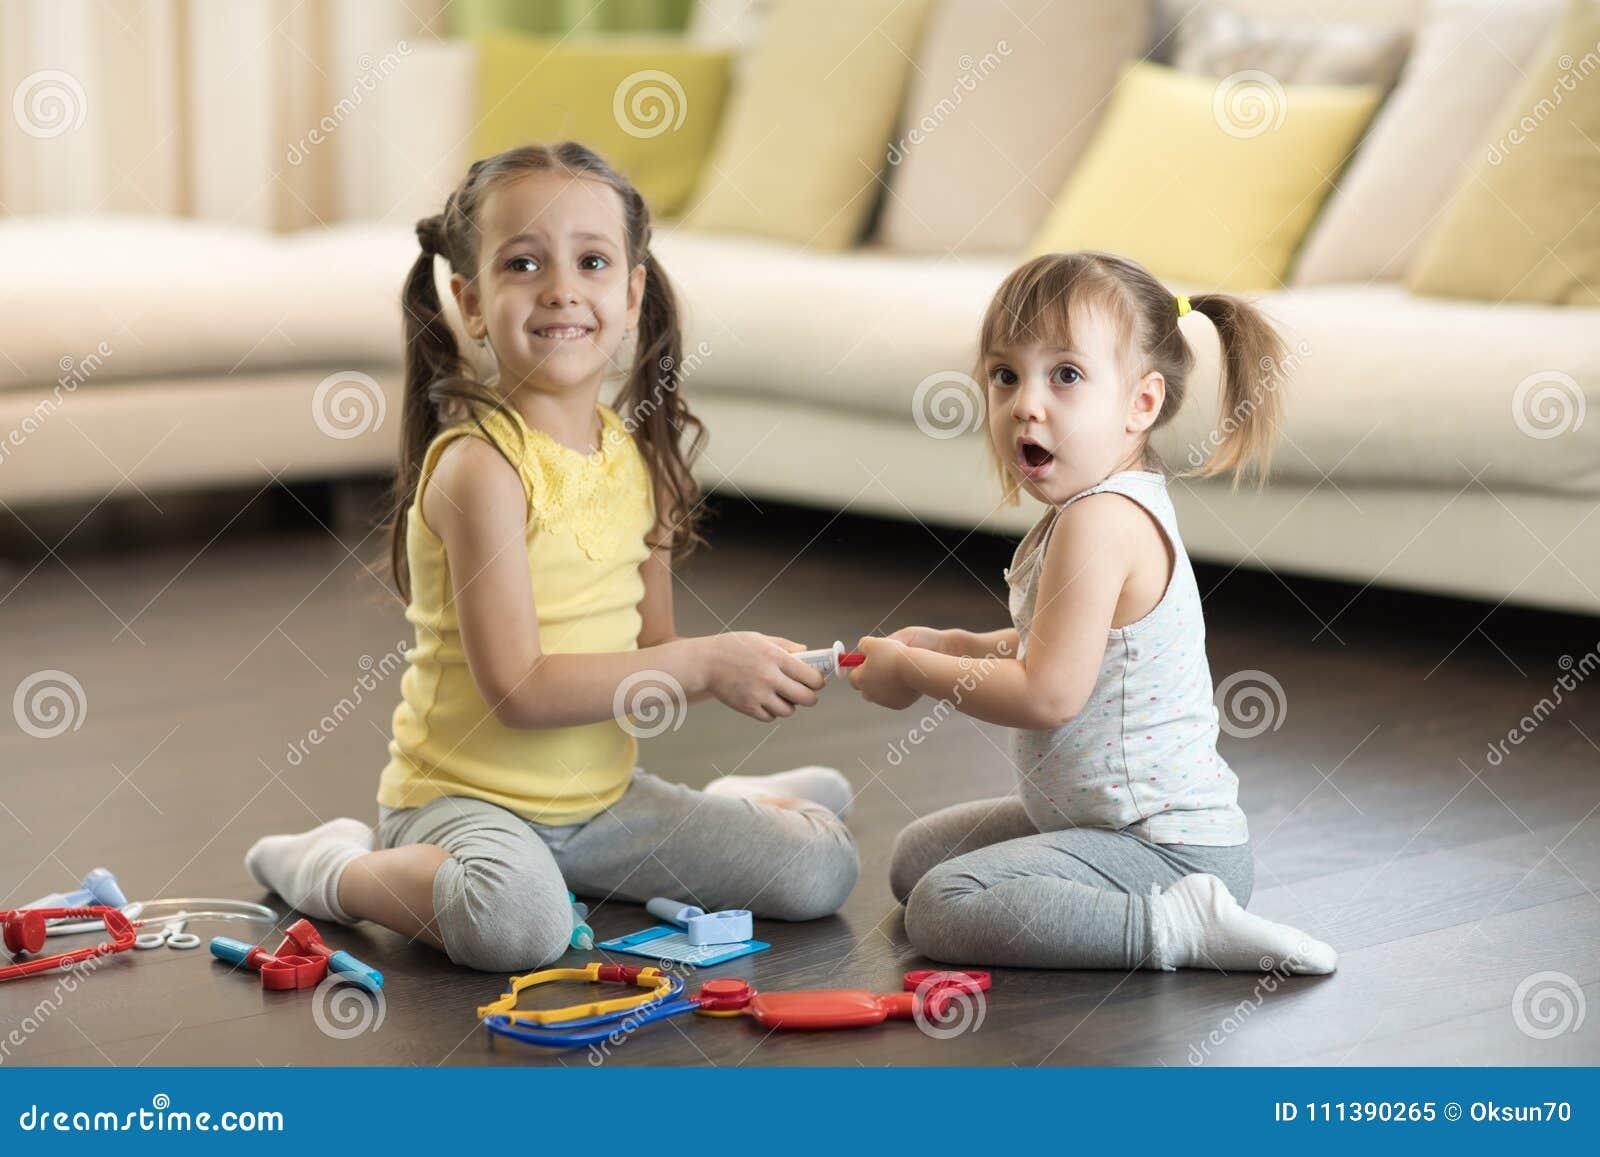 Conflicto entre las pequeñas hermanas Los niños están luchando, niña pequeña que las tomas juegan, relaciones de hermano